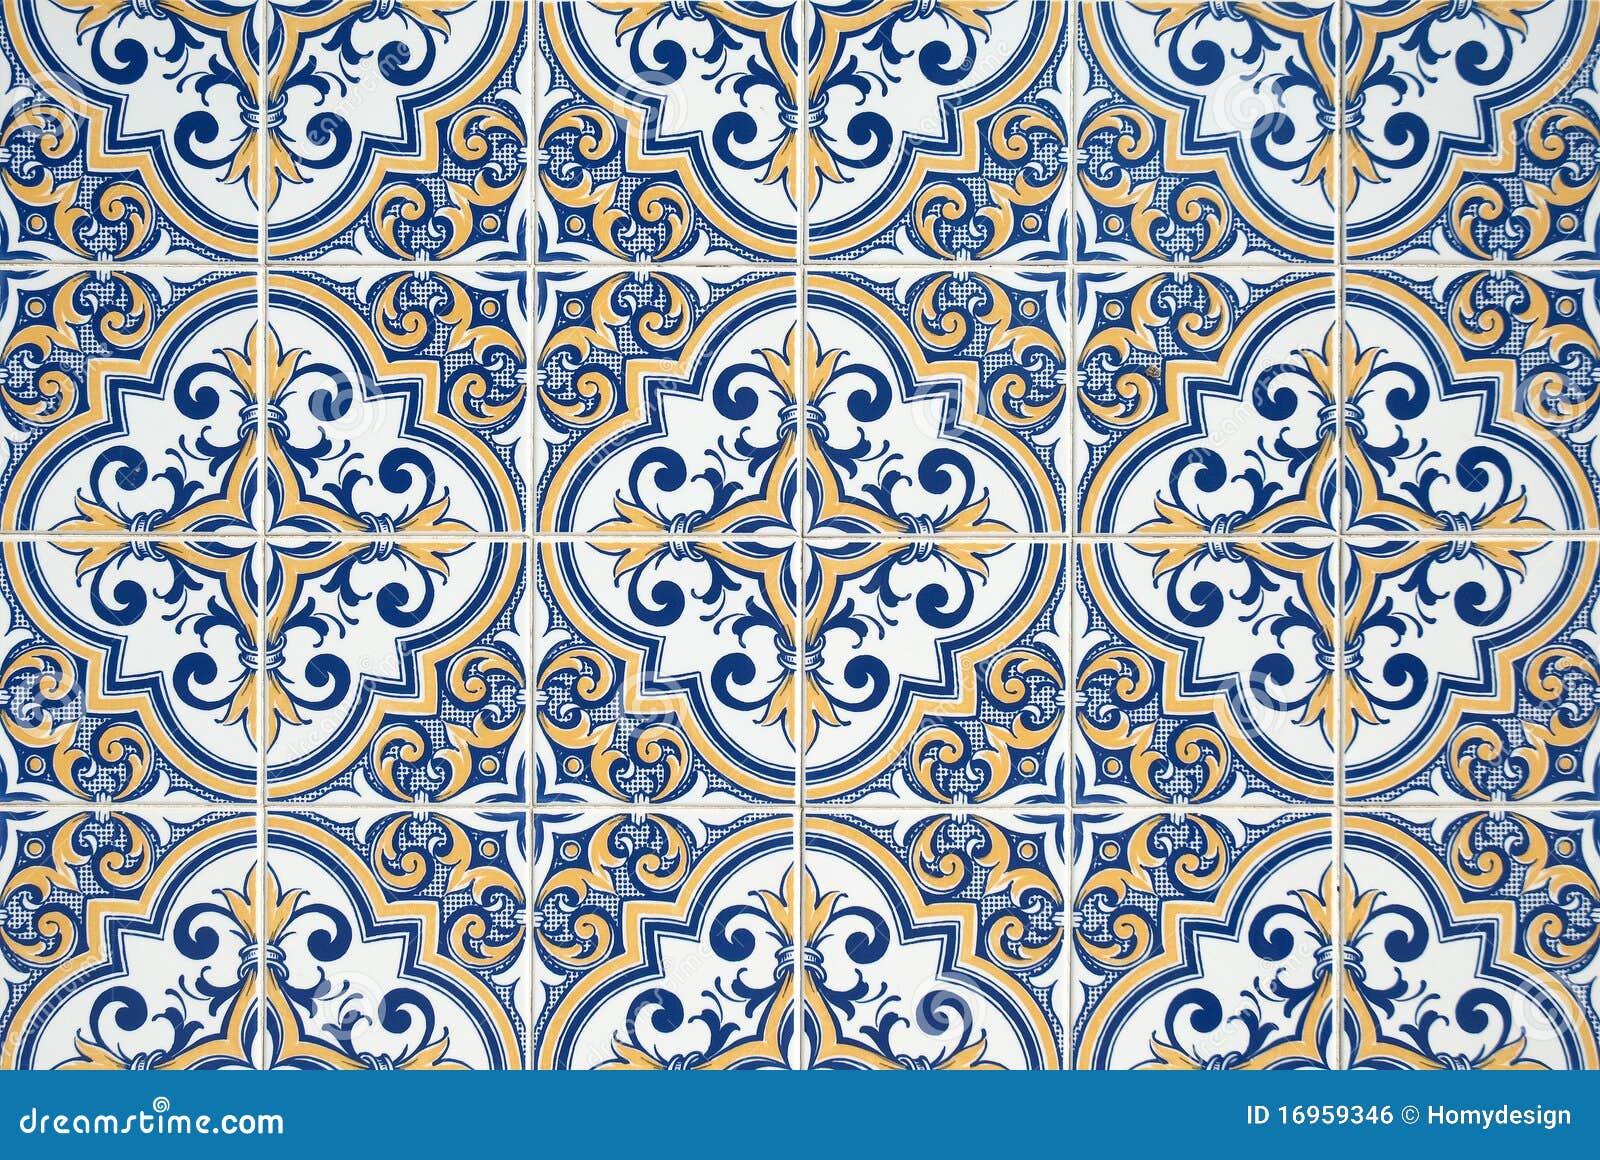 Azulejos portugueses tradicionais imagem de stock royalty for Azulejos de portugal